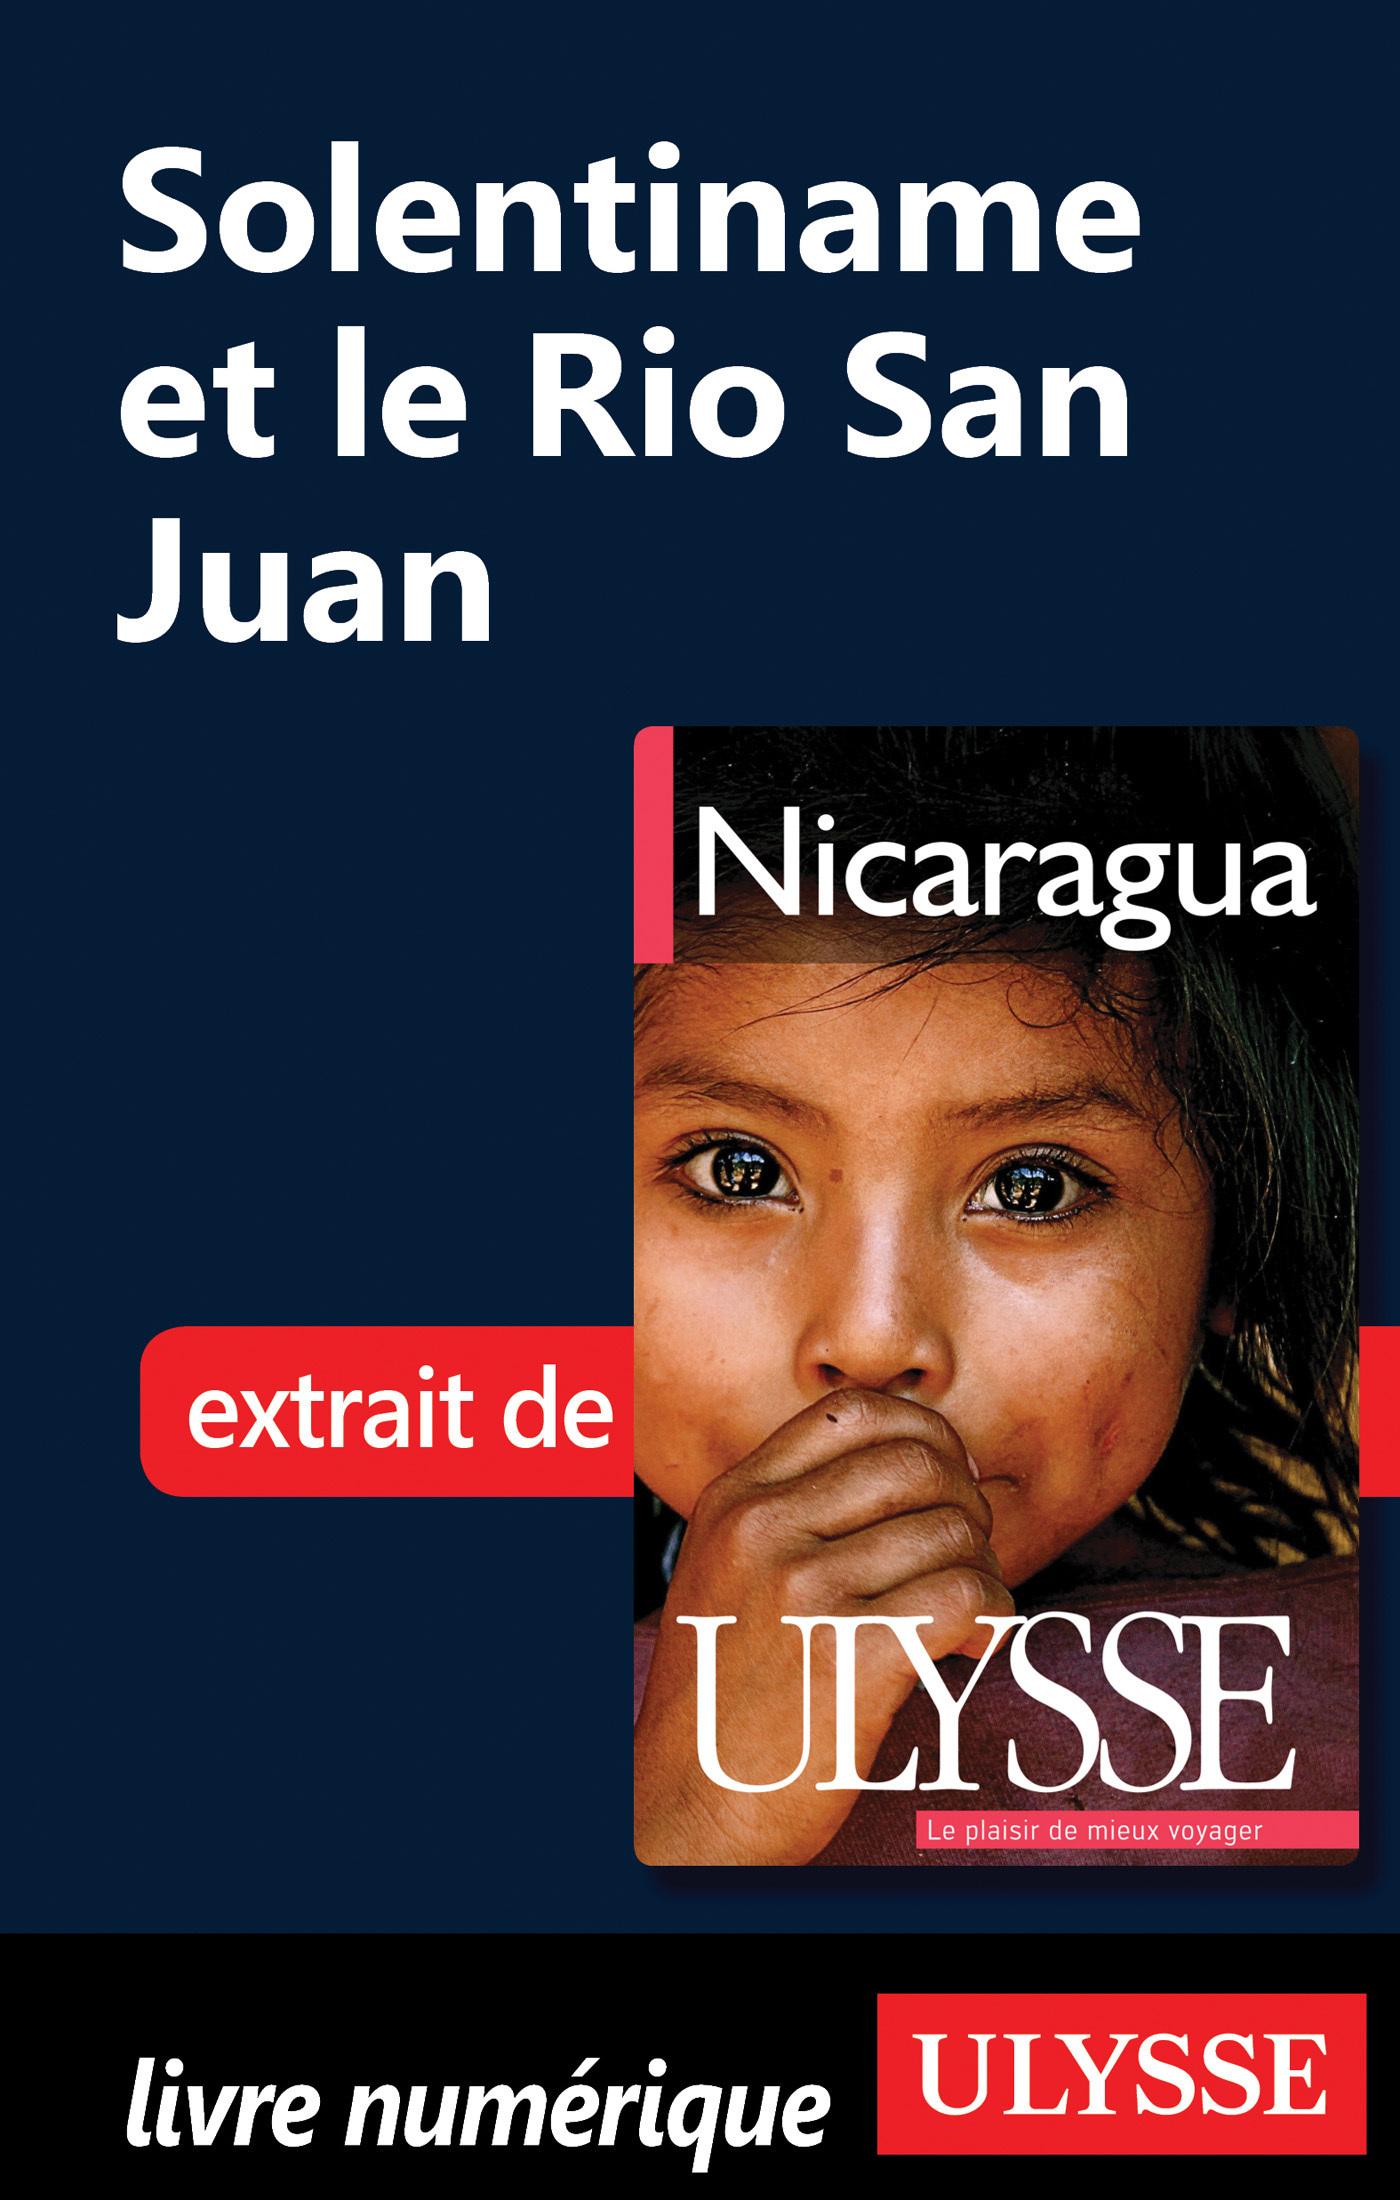 Solentiname et le Rio San Juan (Nicaragua)